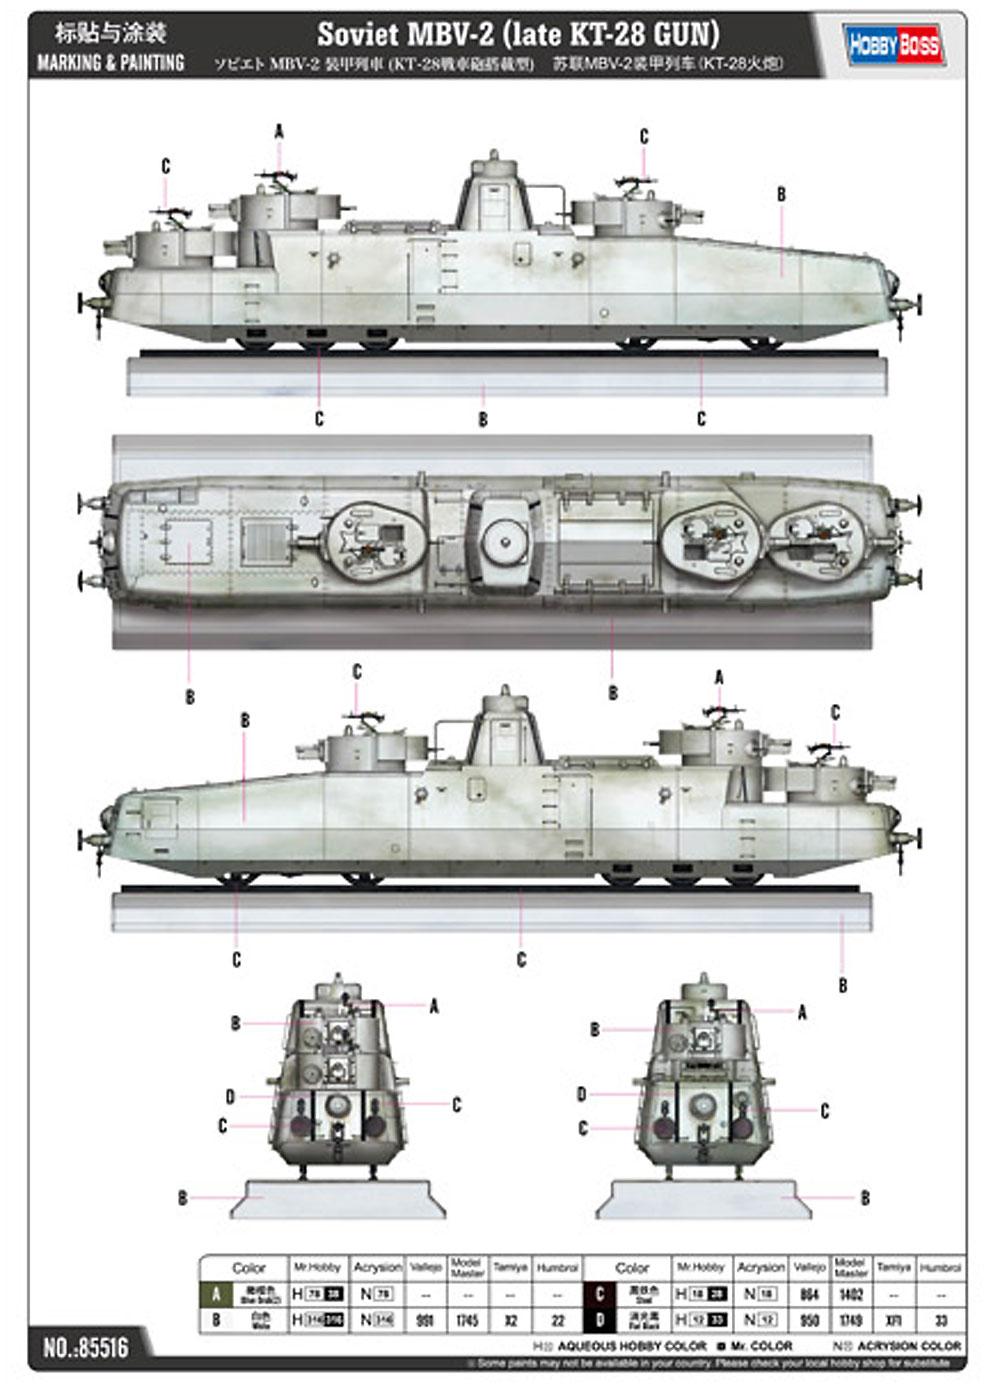 ソビエト MBV-2 装甲列車 (KT-28 戦車砲搭載型)プラモデル(ホビーボス1/35 ファイティングビークル シリーズNo.85516)商品画像_1